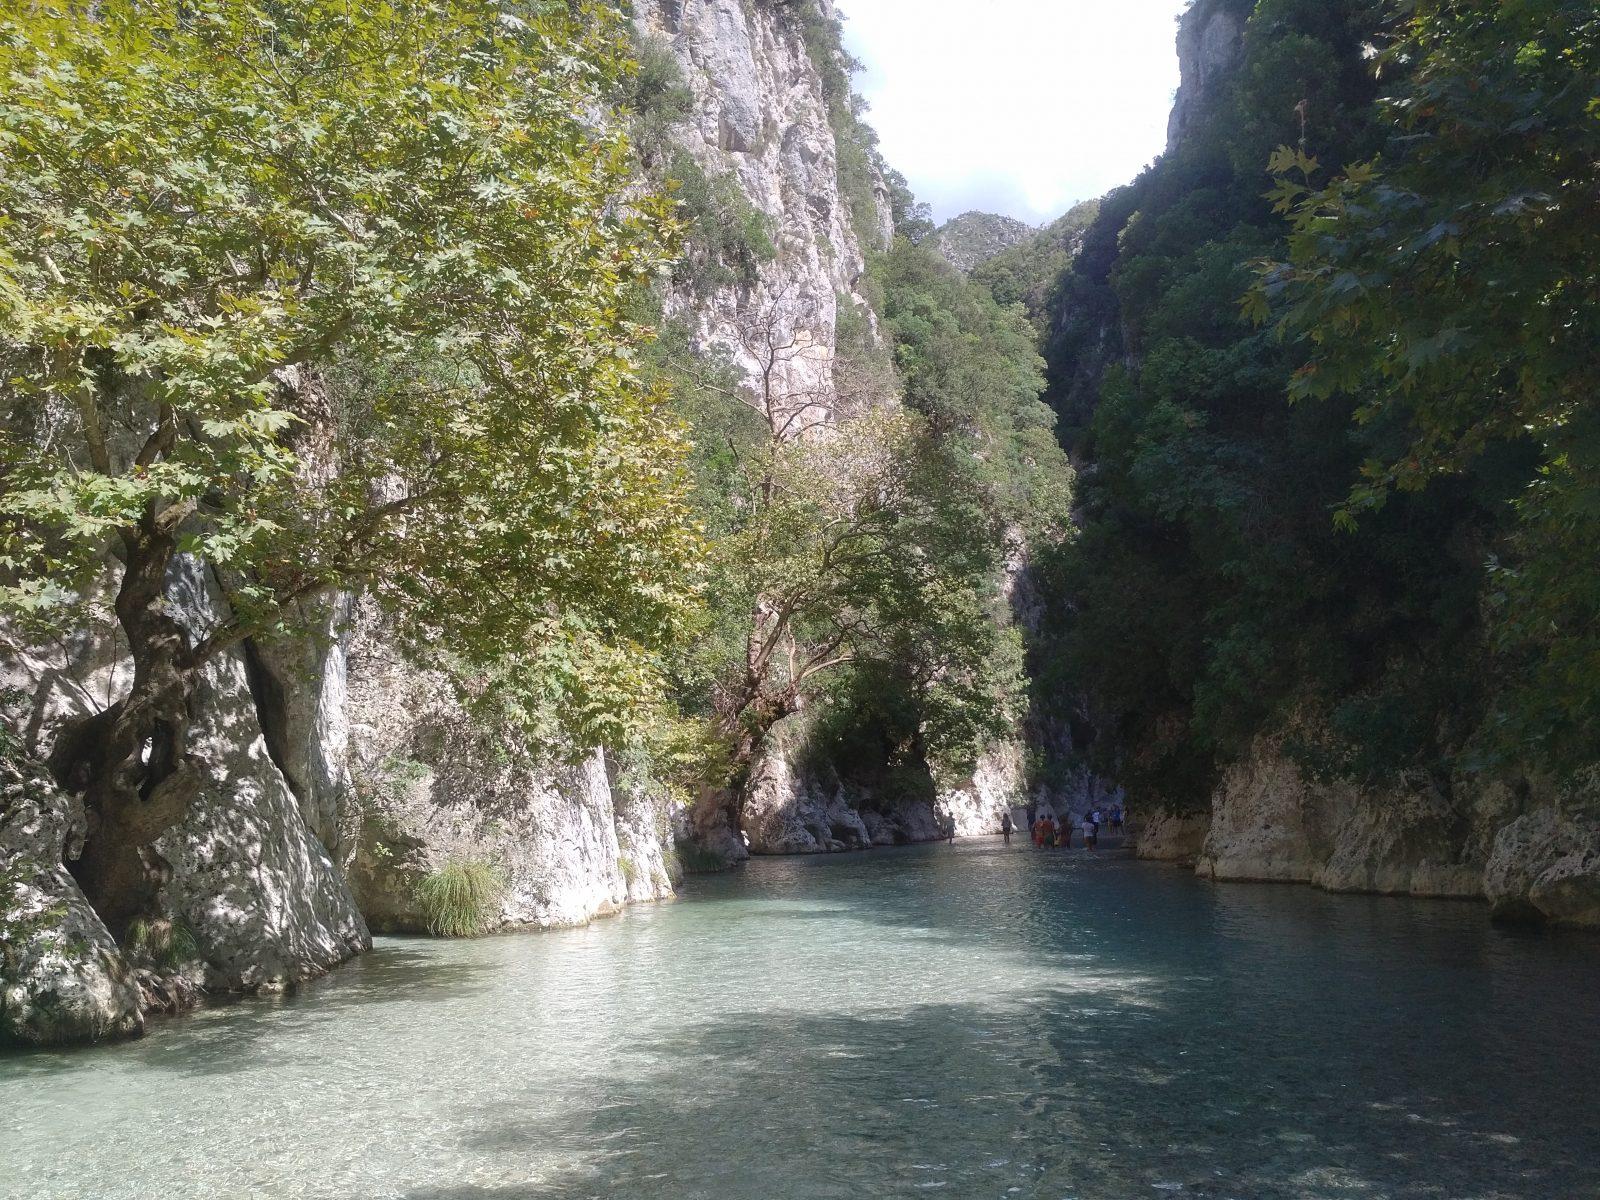 Offroad in Griechenland - Kein Einstieg in die Unterwelt, sondern abenteuerliche Flusserkundung des Acheron.